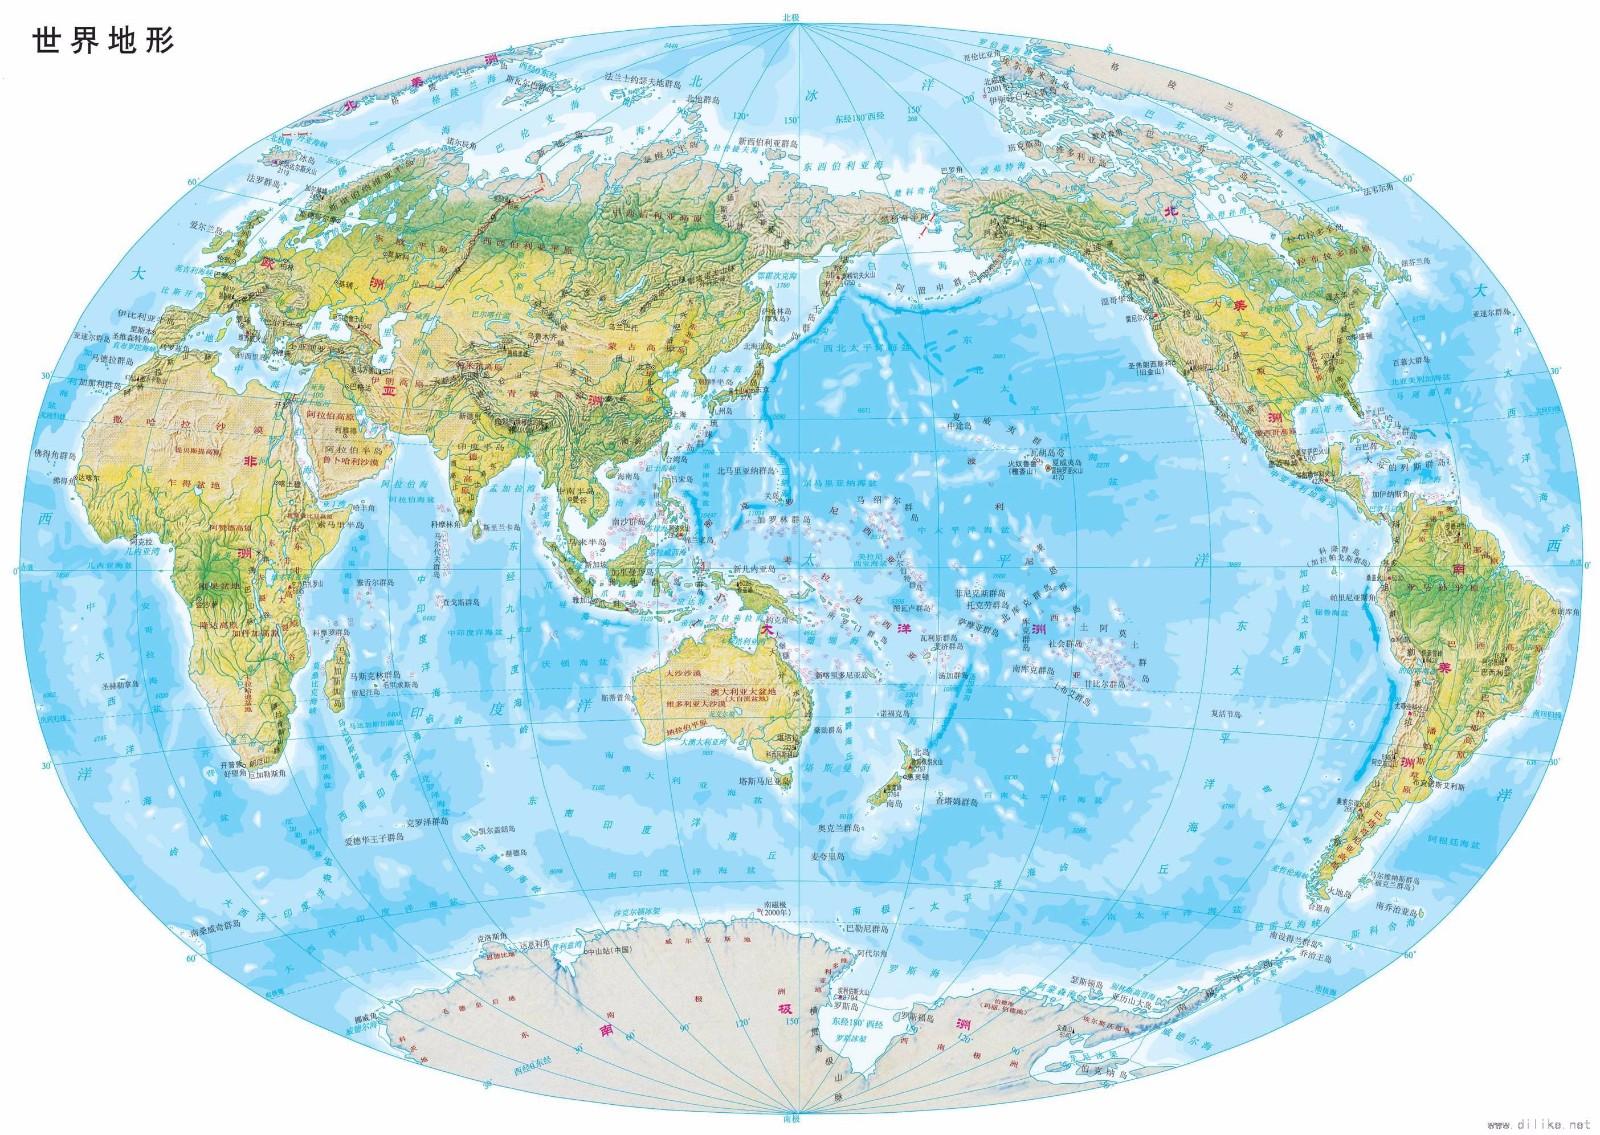 世界地图标好大洋大洲大洋主要山脉河流高原平原盆地